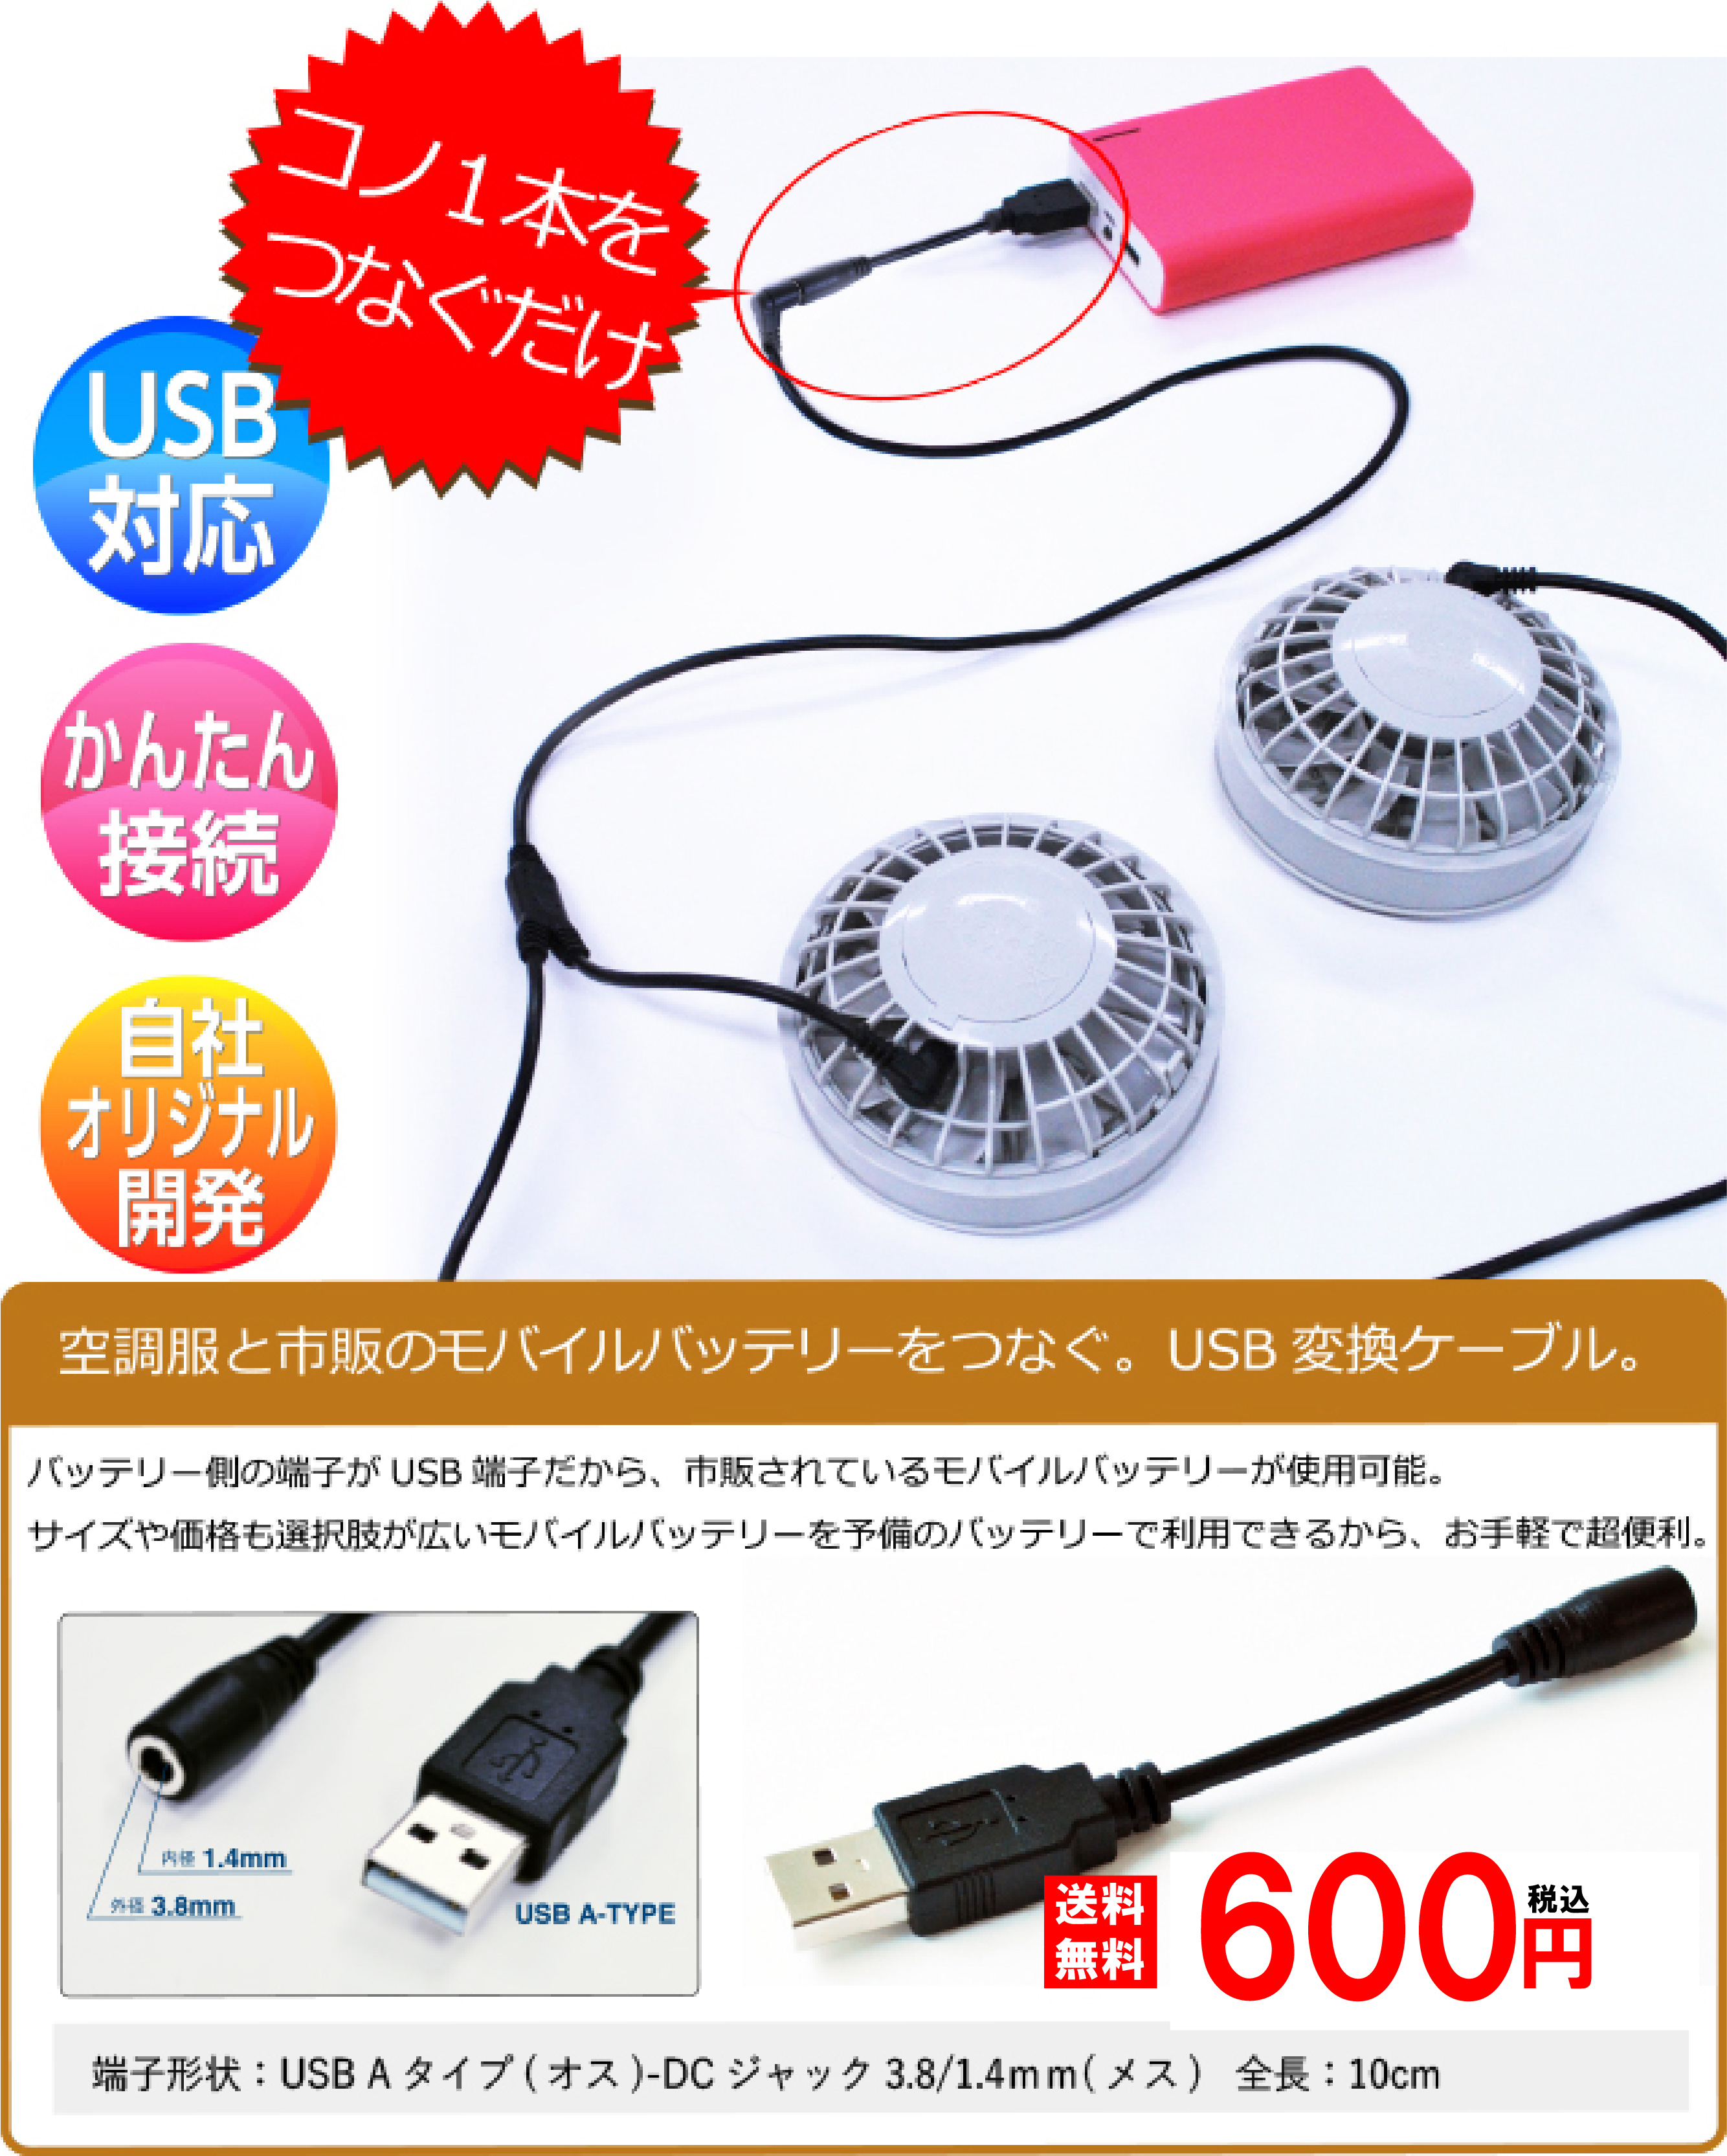 ヒーターベスト・空調服と市販のモバイルバッテリーをつなぐ。USB変換ケーブル。バッテリー側の端子がUSBだから、市販されているモバイルバッテリーが使用可能。